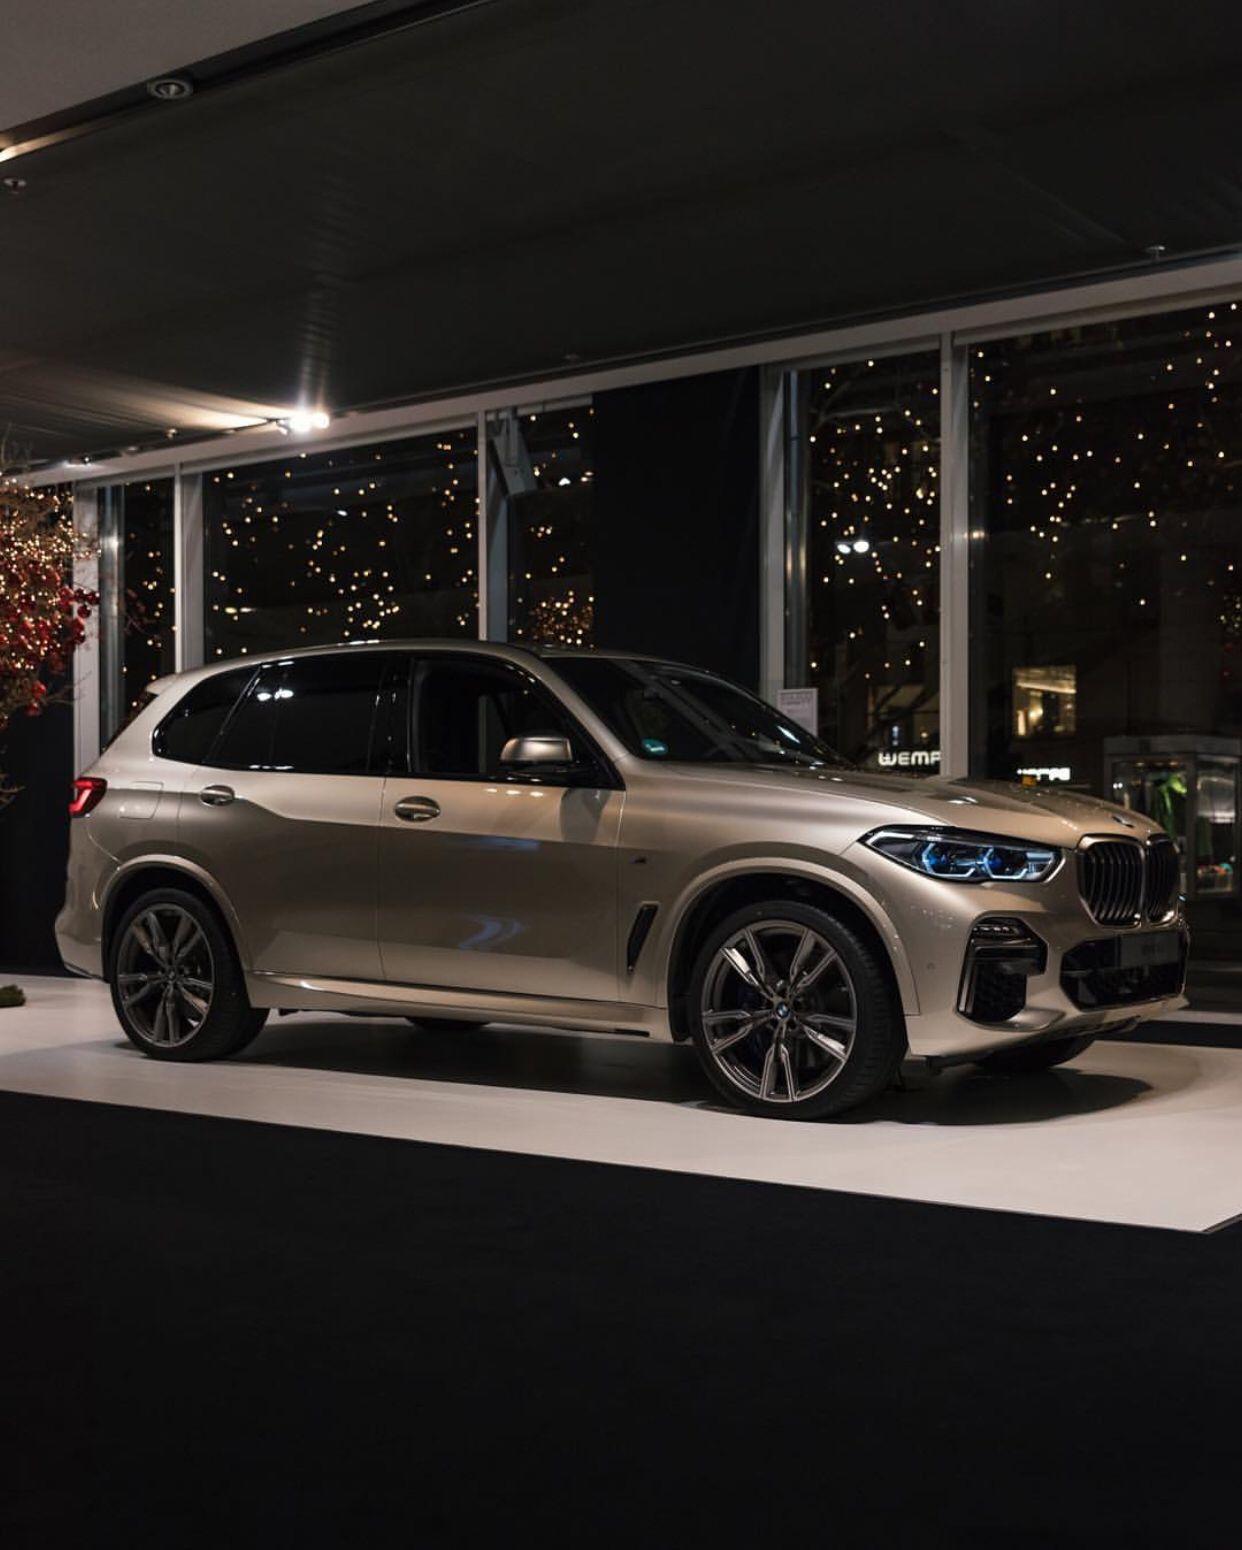 X5 2019 Modelle Bmw Bmw X5 Bmw Cars